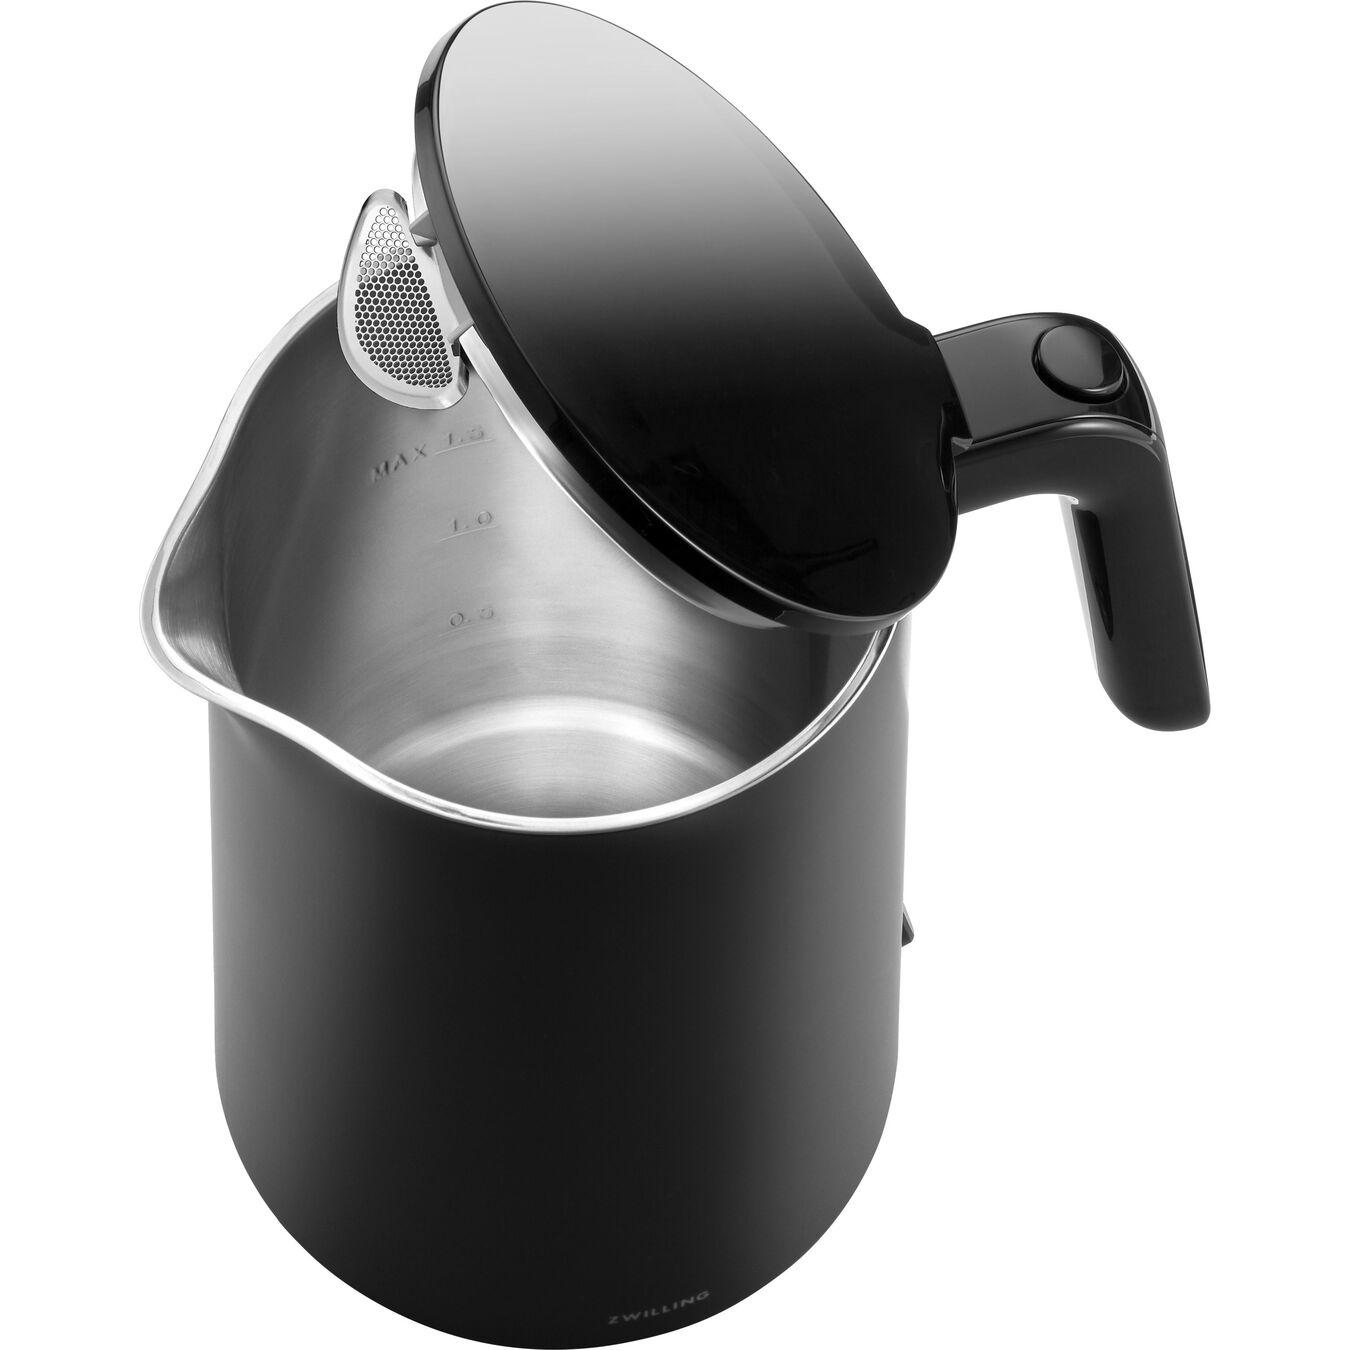 Bouilloire électrique Pro, 1,5 l, Noir,,large 5